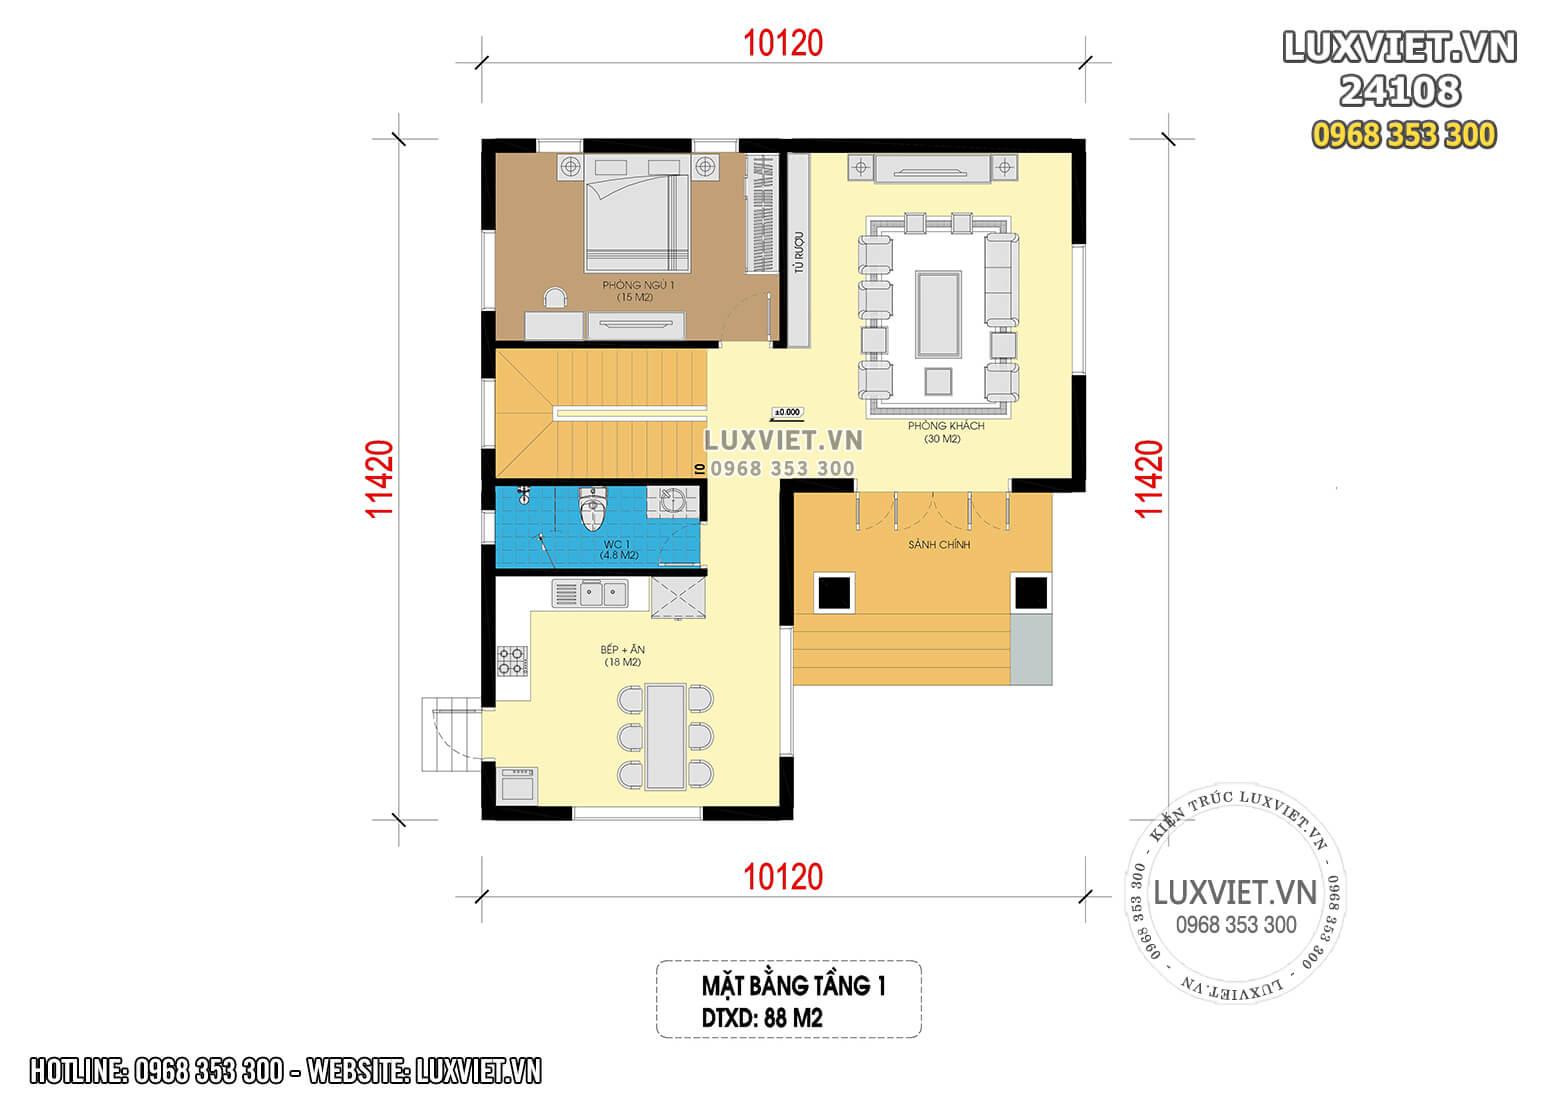 Hình ảnh: Mặt bằng công năng tầng 1 nhà 2 tầng 88m2 - LV 24108